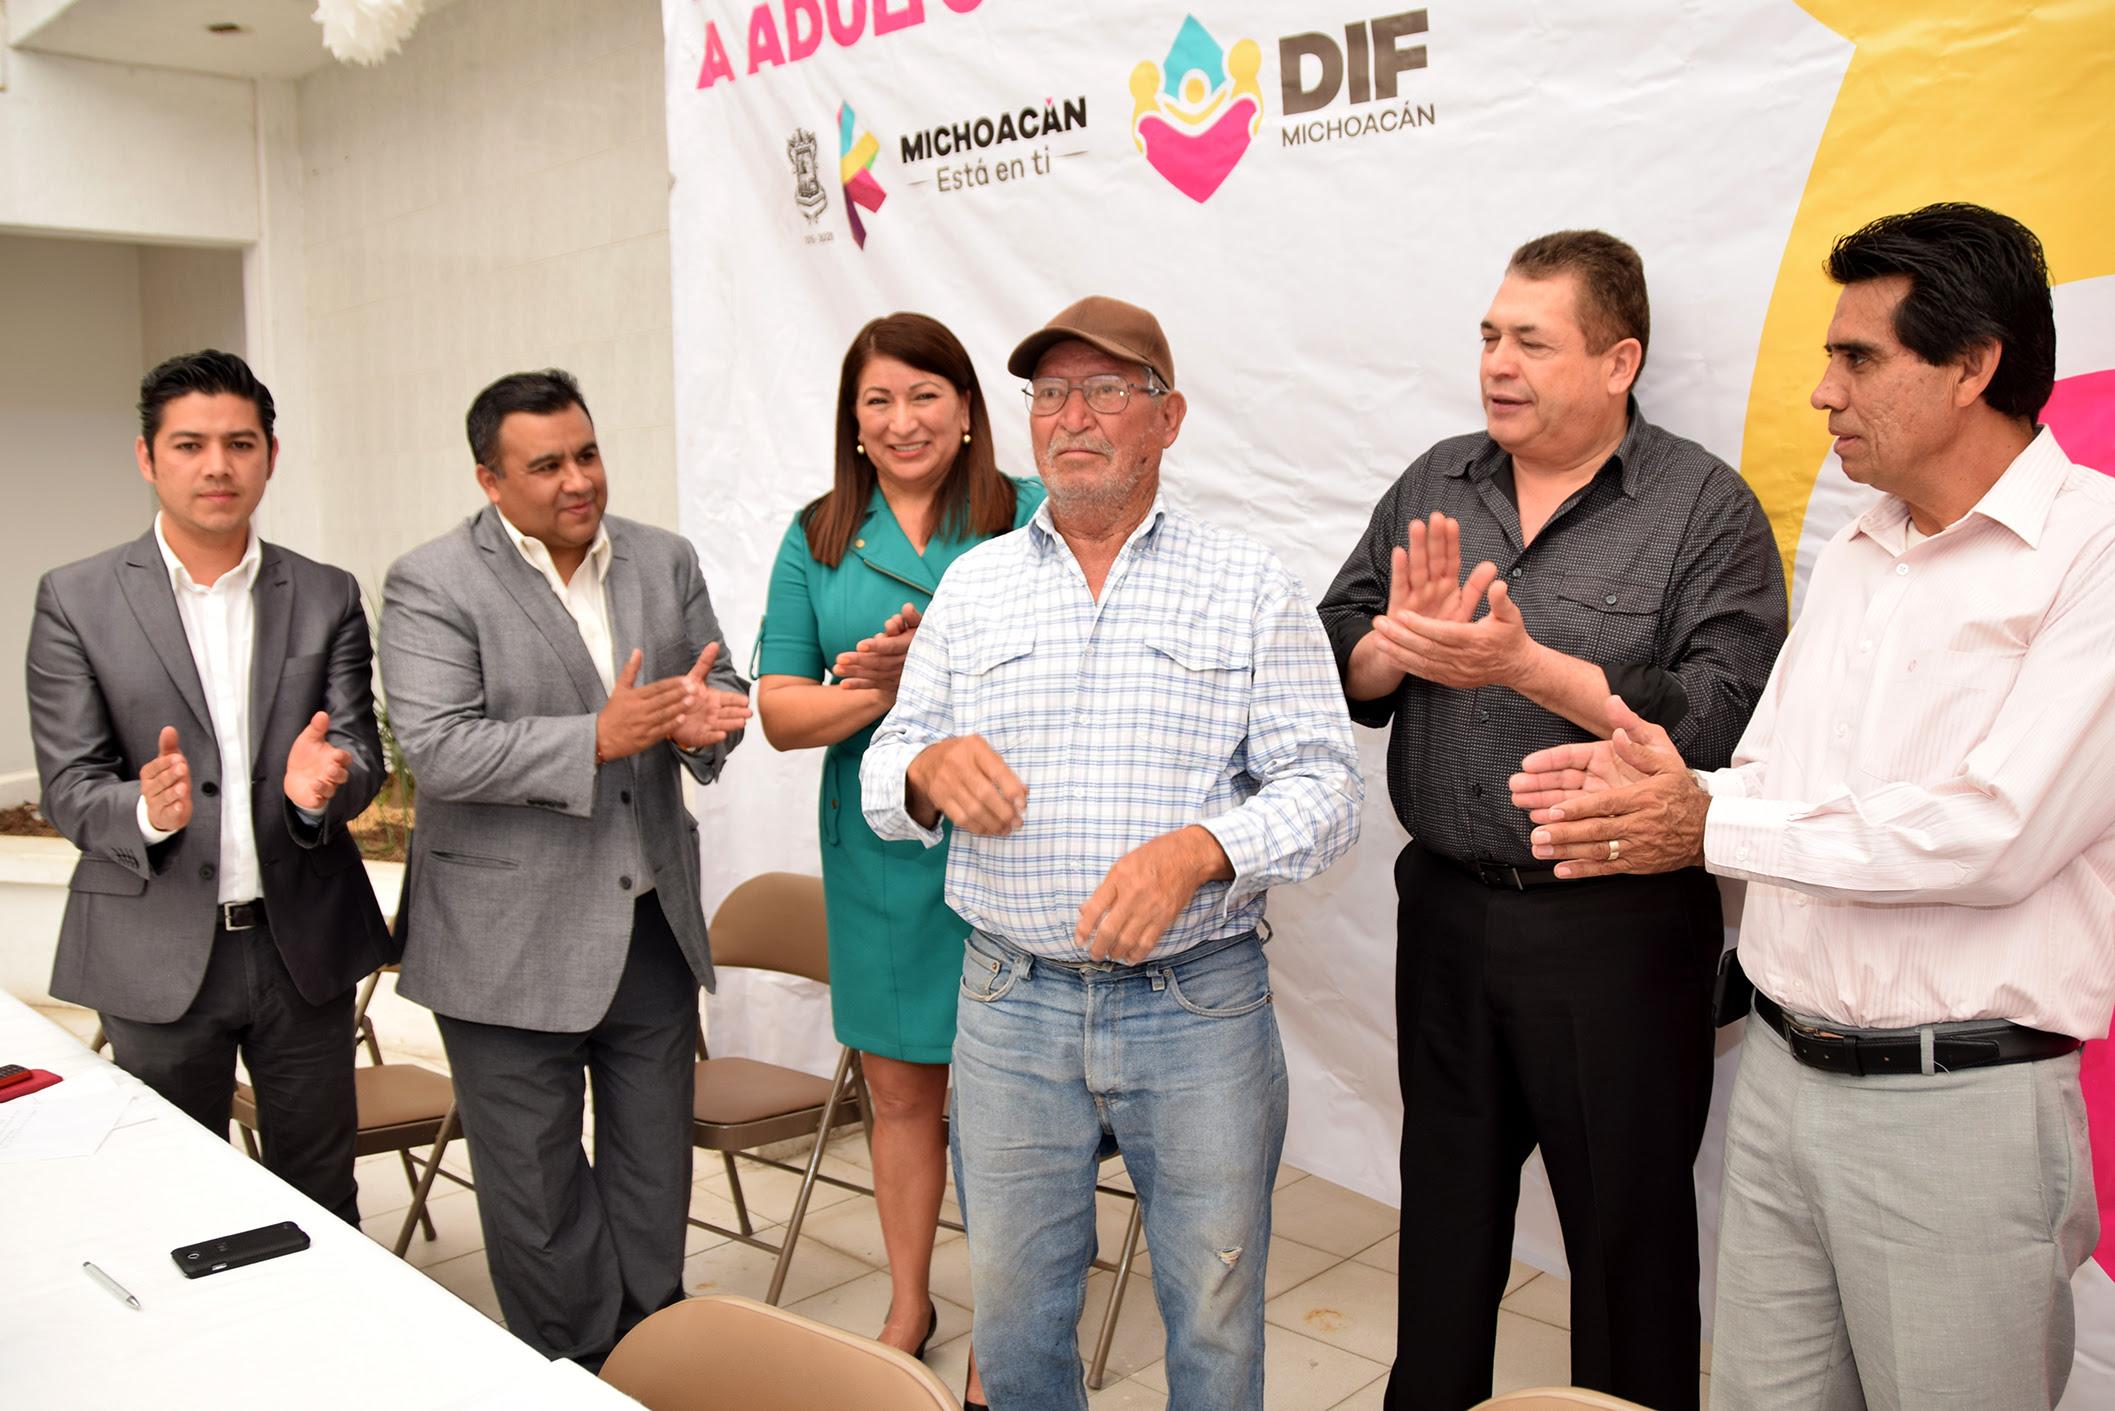 Carlos Hurtado Casado, titular de la Dirección Asistencia e Integración Social del Sistema DIF Michoacán, expresó que se seguirá trabajando en pro de los adultos mayores